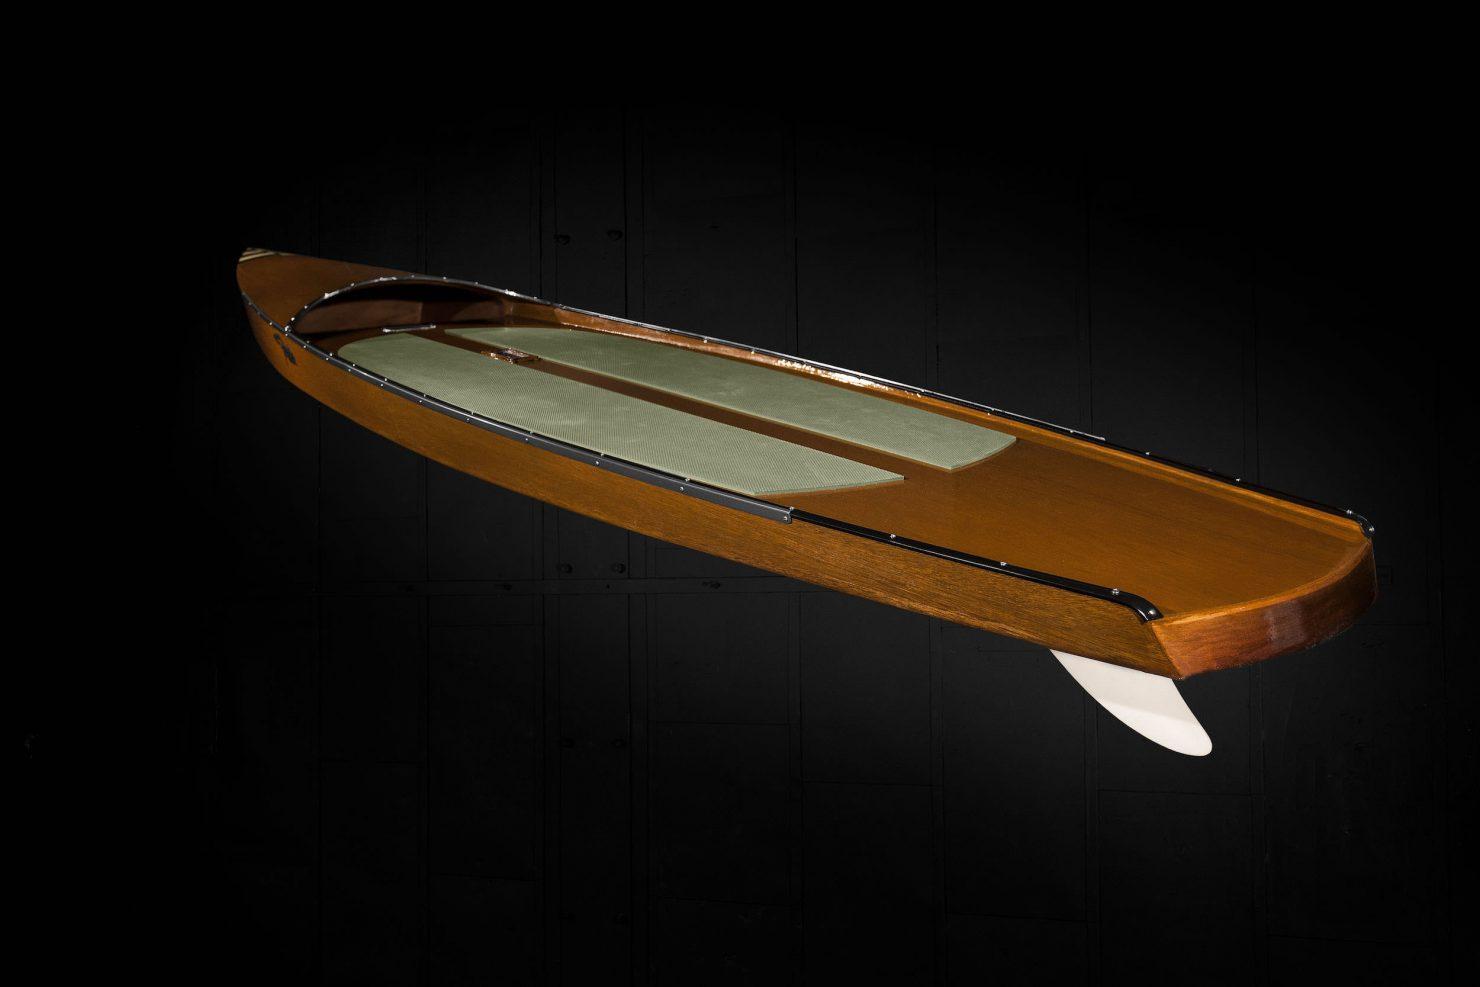 Fitzke Paddleboard 2 1480x987 - Bootlegger Fitzke Paddleboard